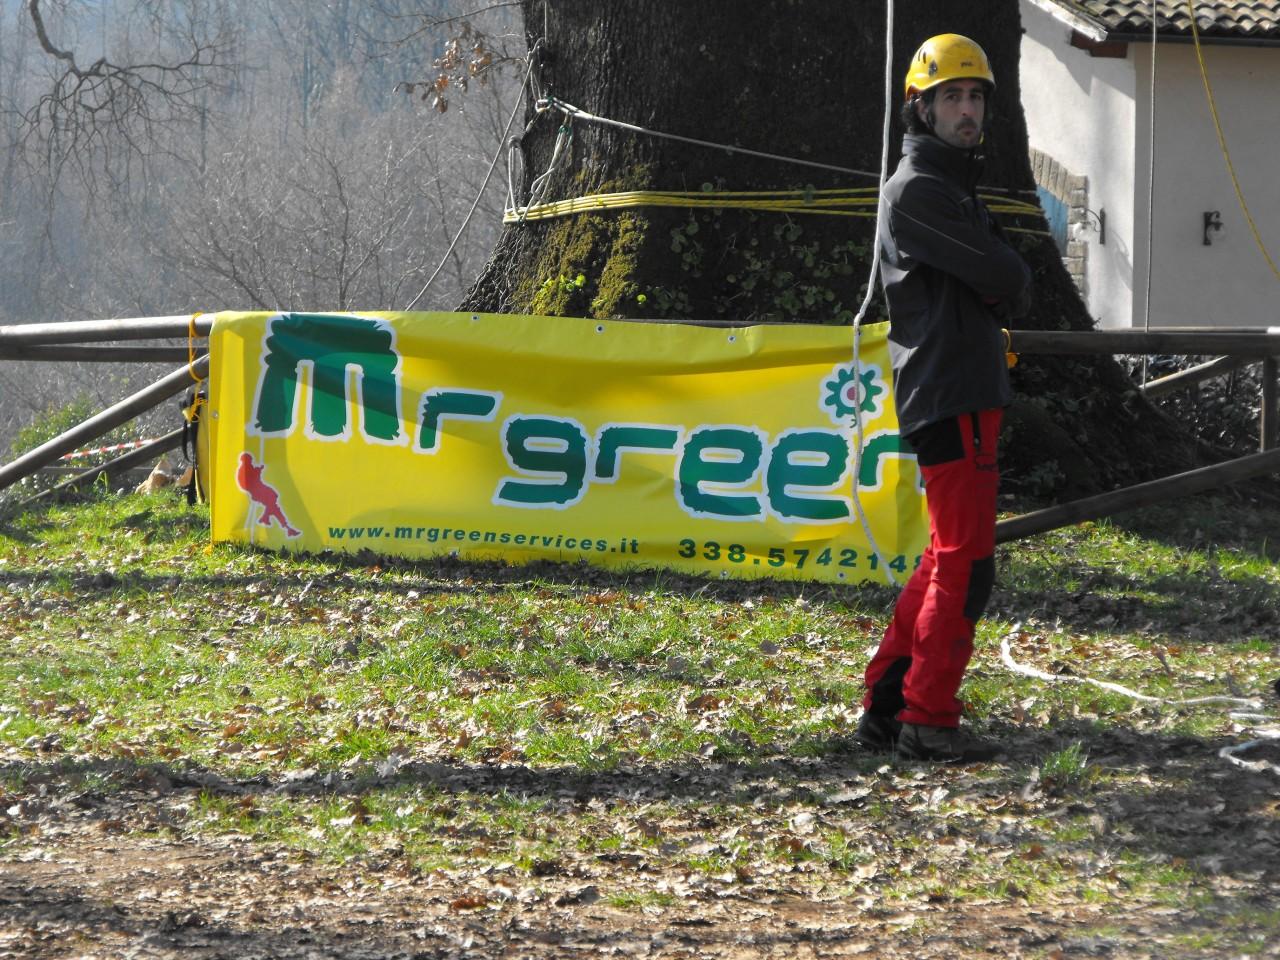 mr green, quercia, ottavio mozzoni (28)